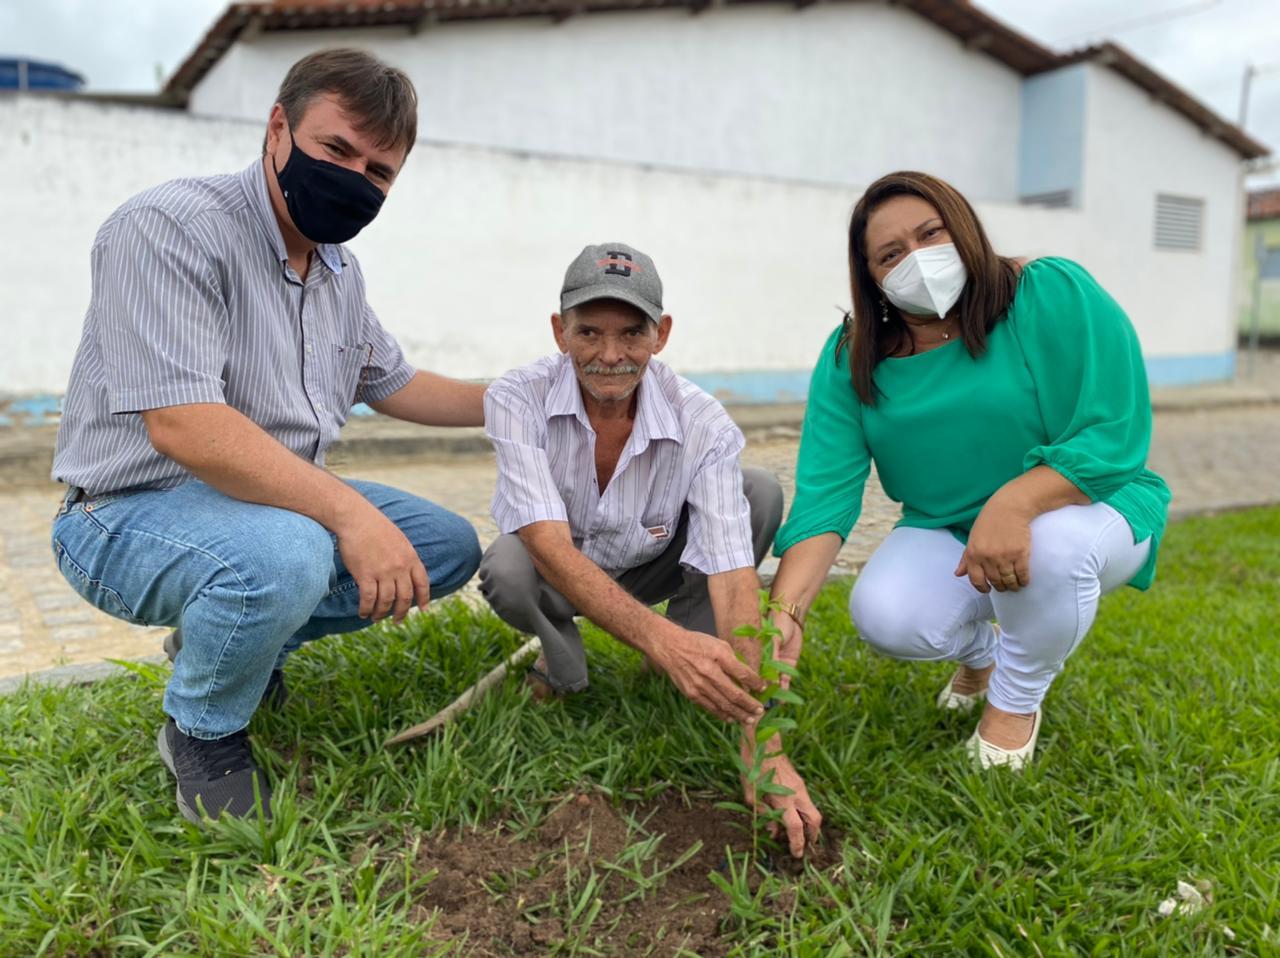 Prefeitura de Borborema realiza ações em comemoração a Semana do Meio Ambiente